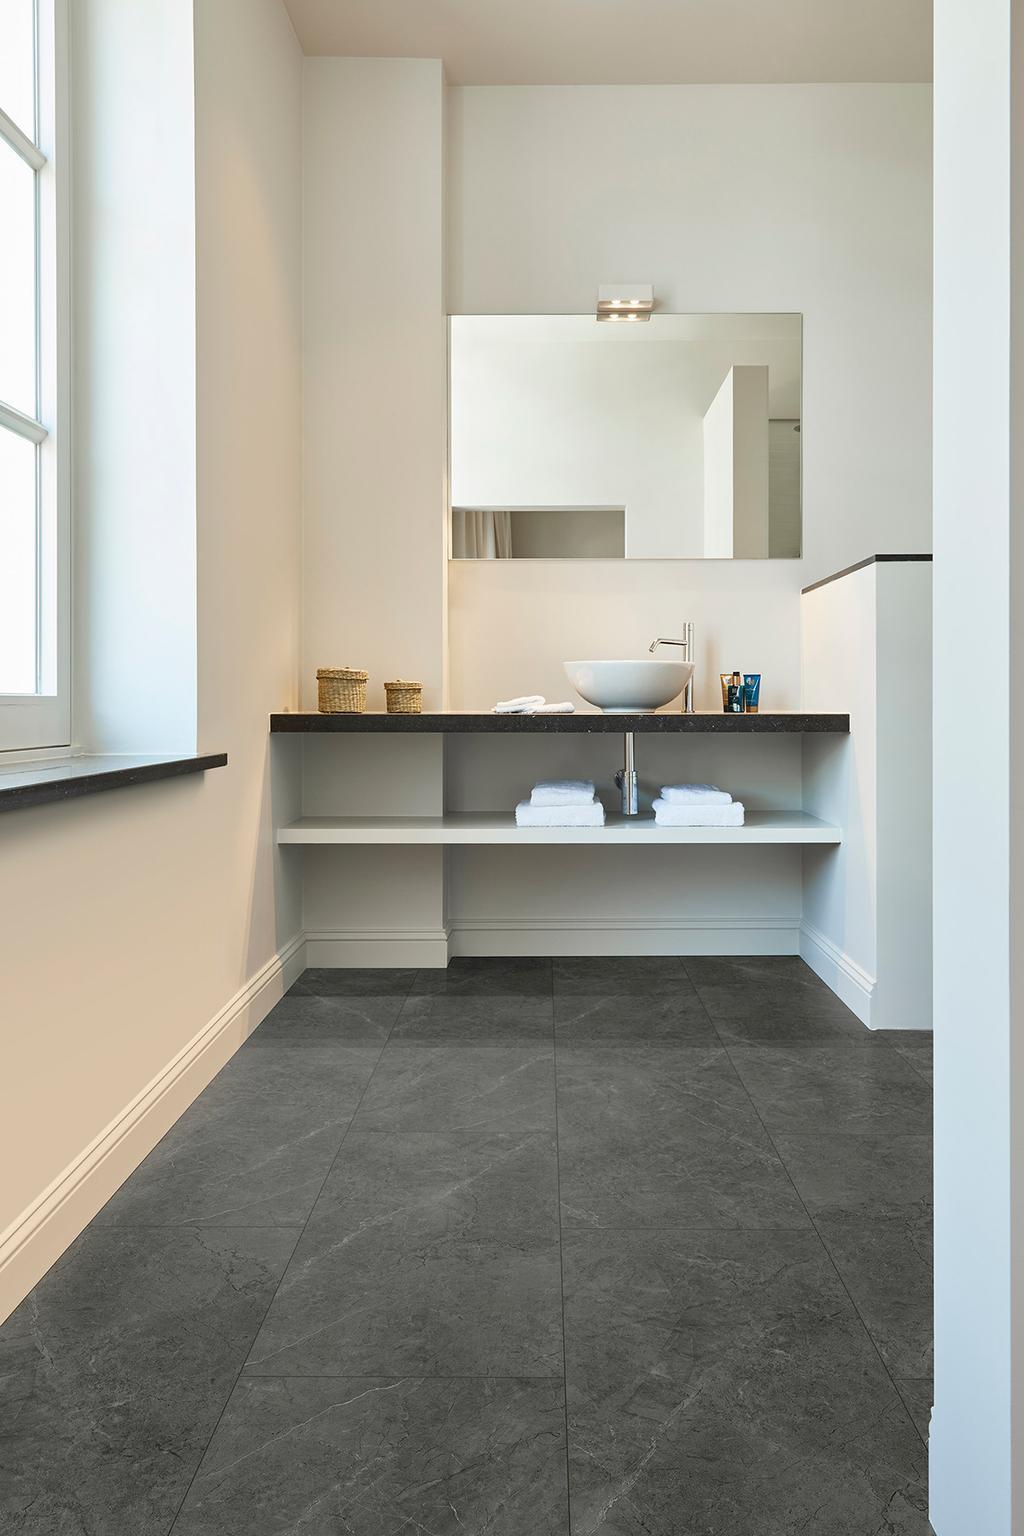 Badkamer met donkergrijze vloer Dome van COREtec vloeren